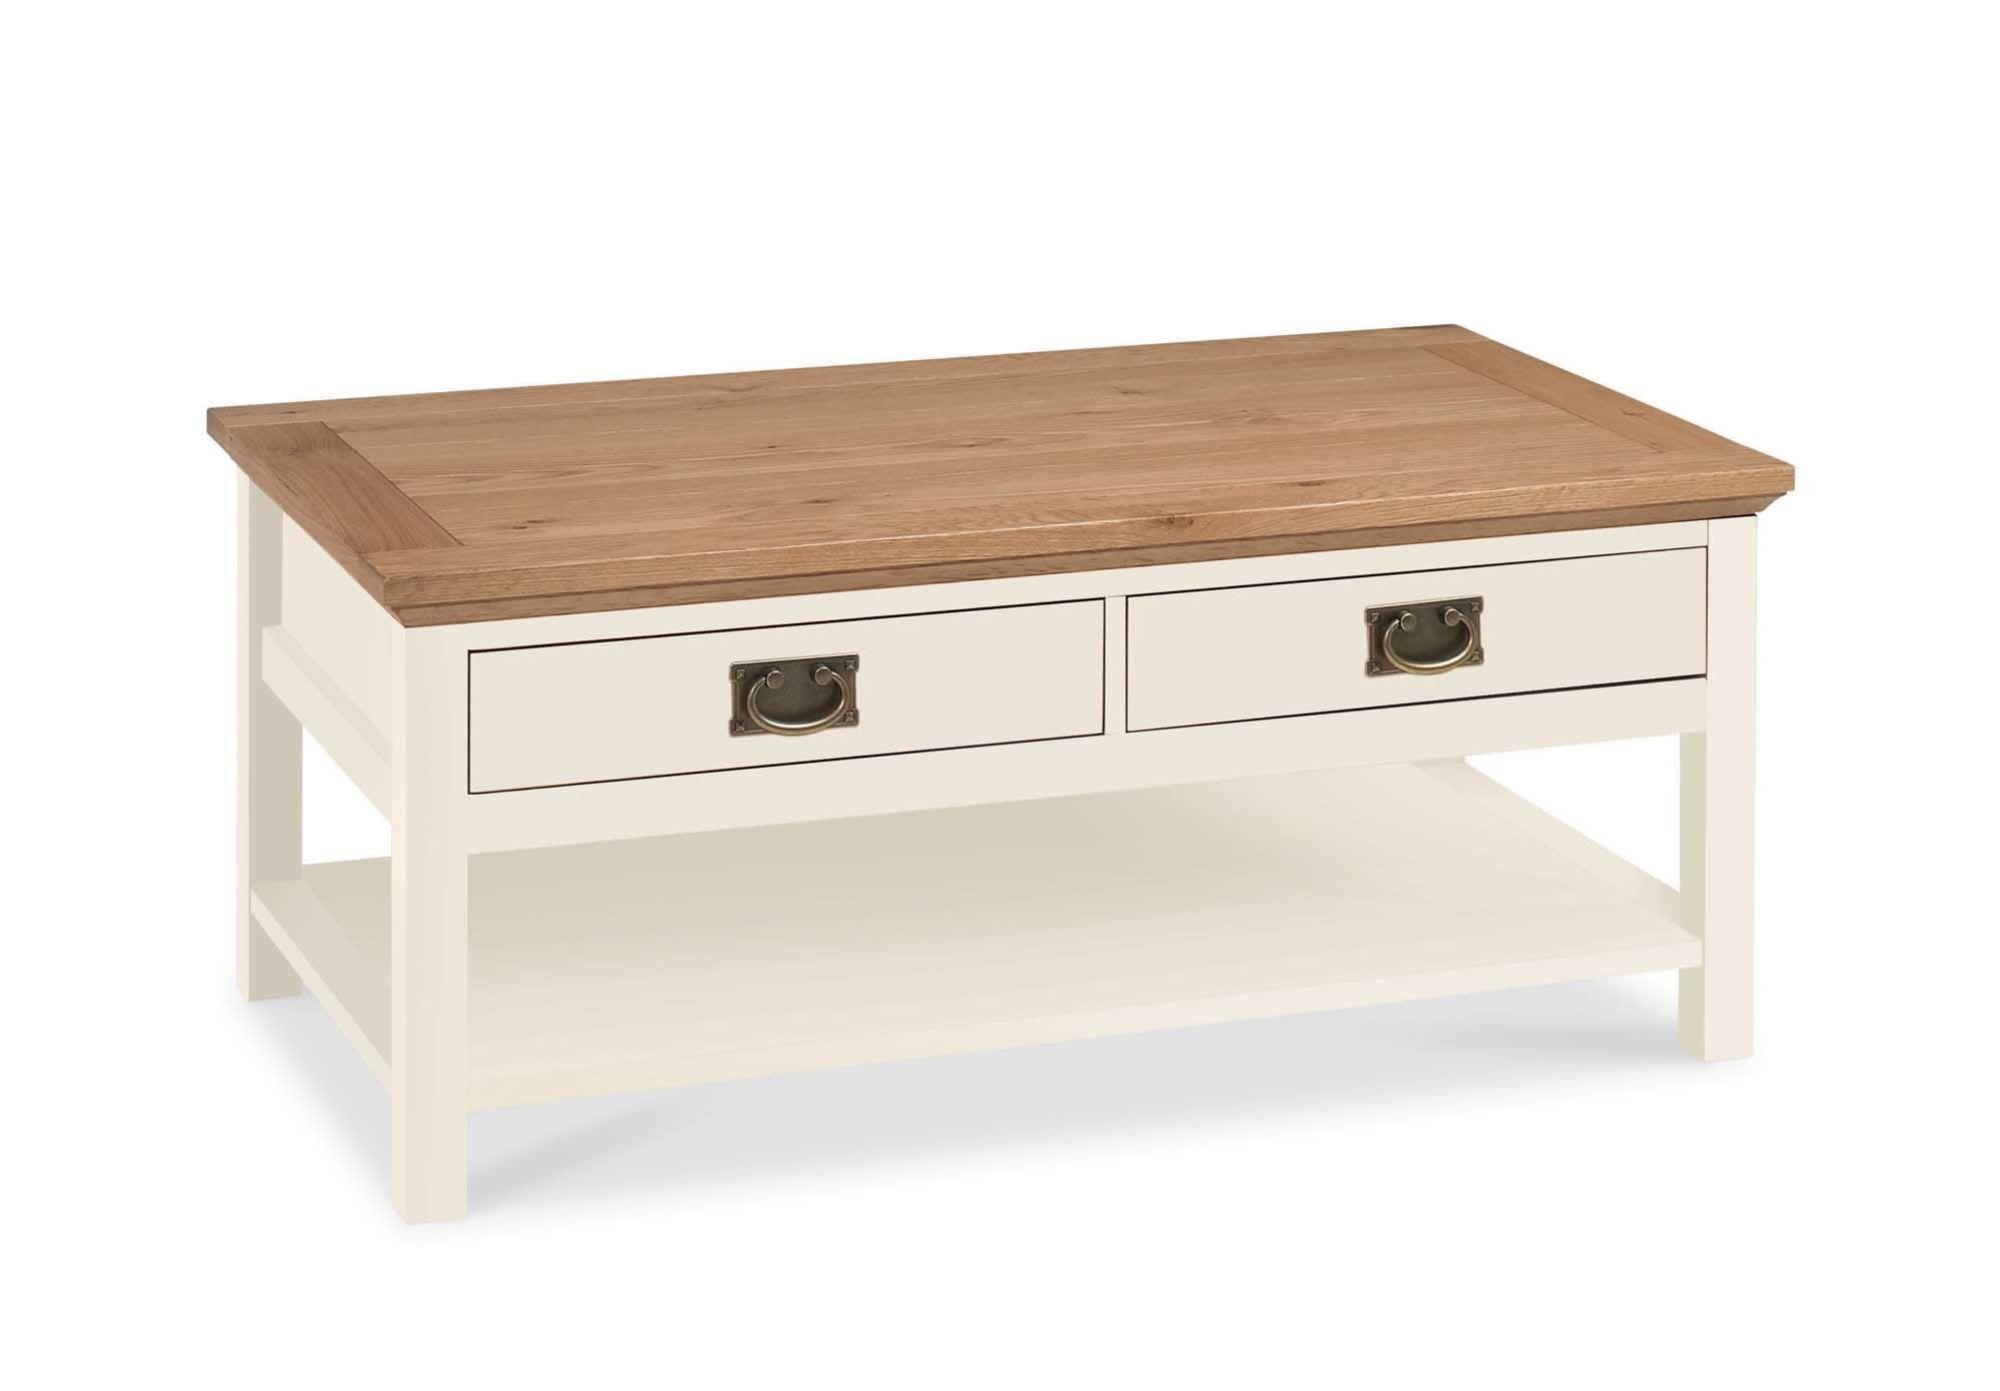 Konferenčn stolek nedokonal½ povrch ve stylu provence